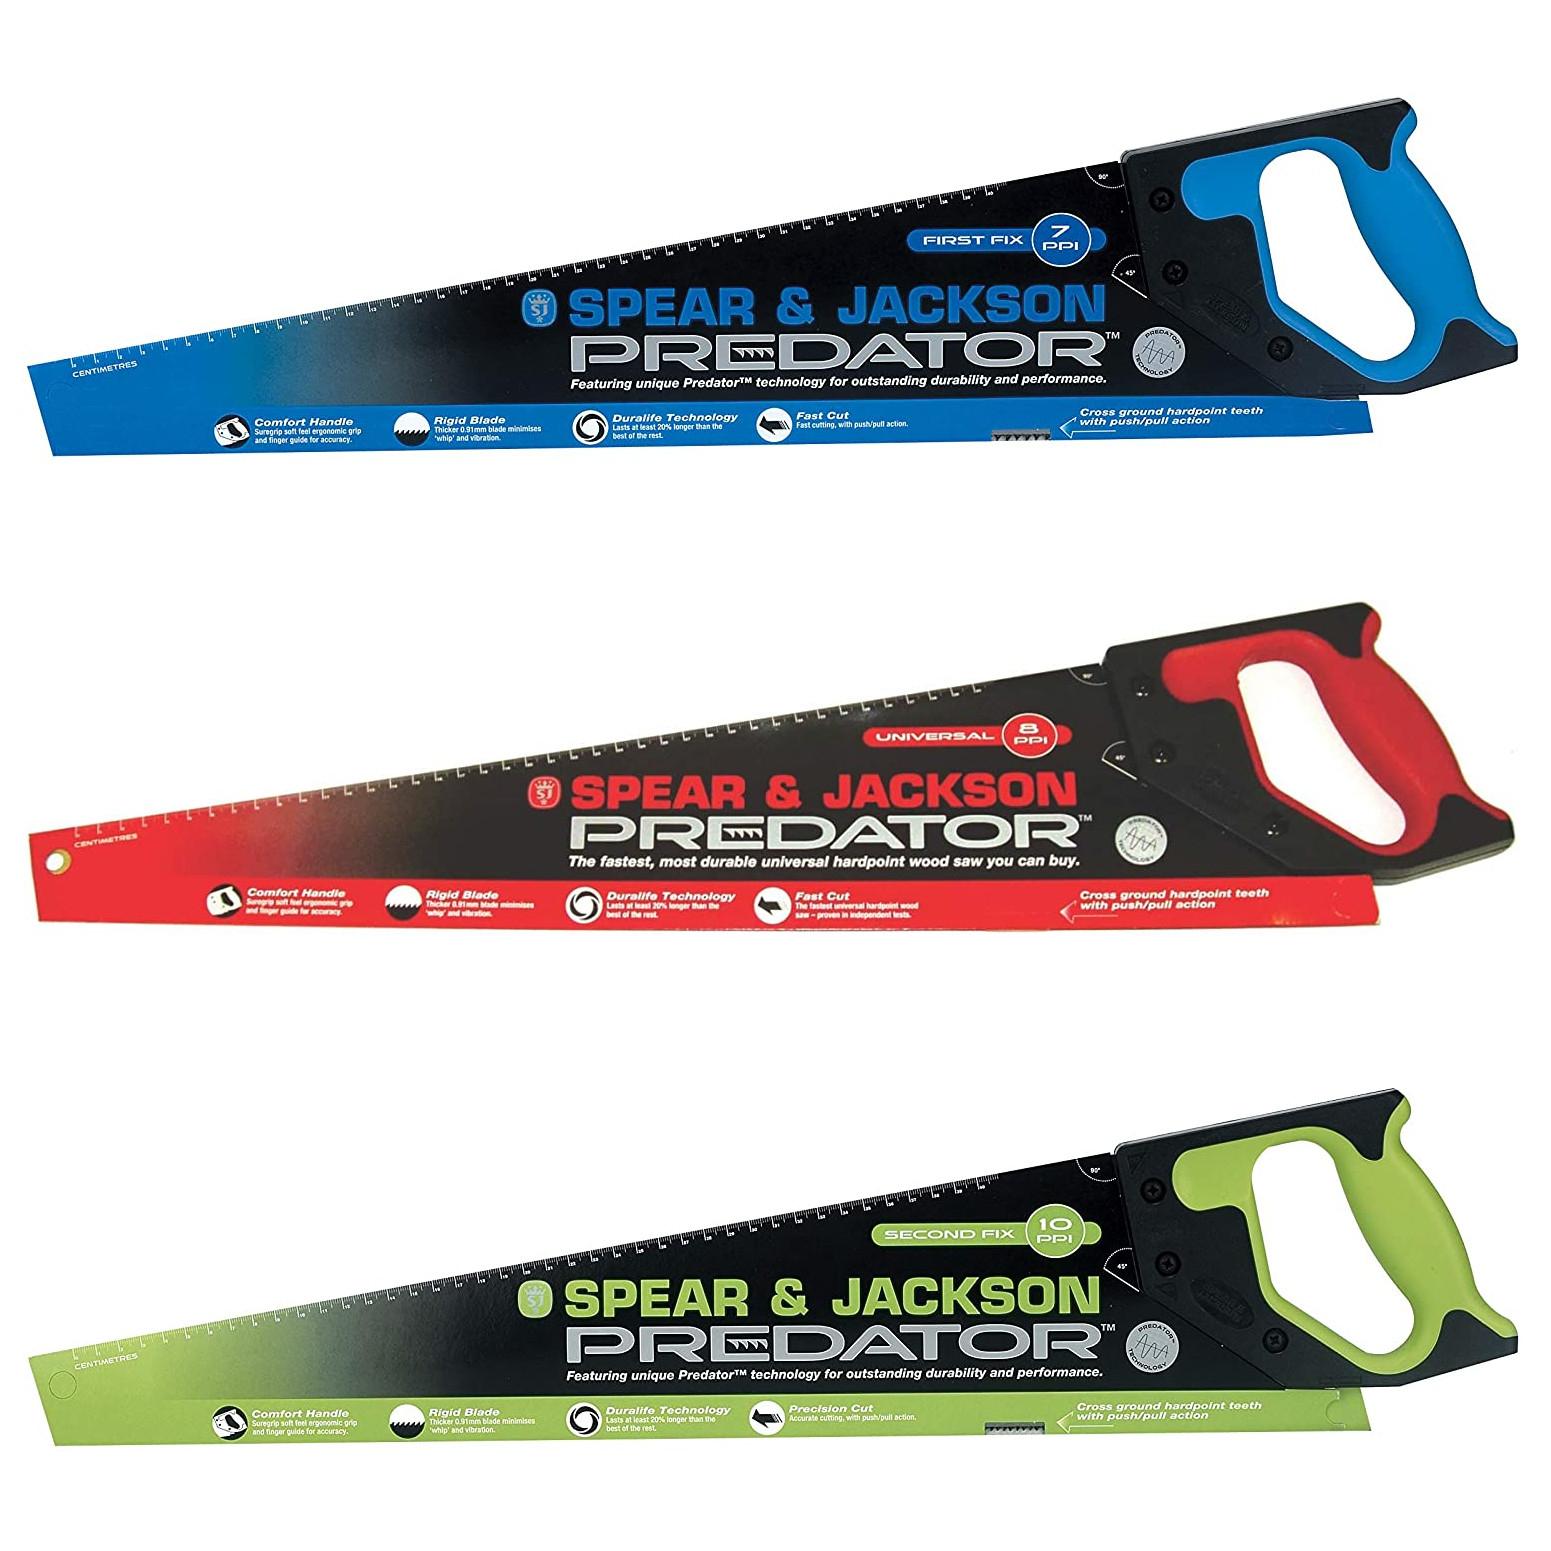 Spear & Jackson Predator Saws (7TPI / 8TPI / 10TPI) - 2 for £10 (Free click & collect / £5 Delivery) @ B&Q